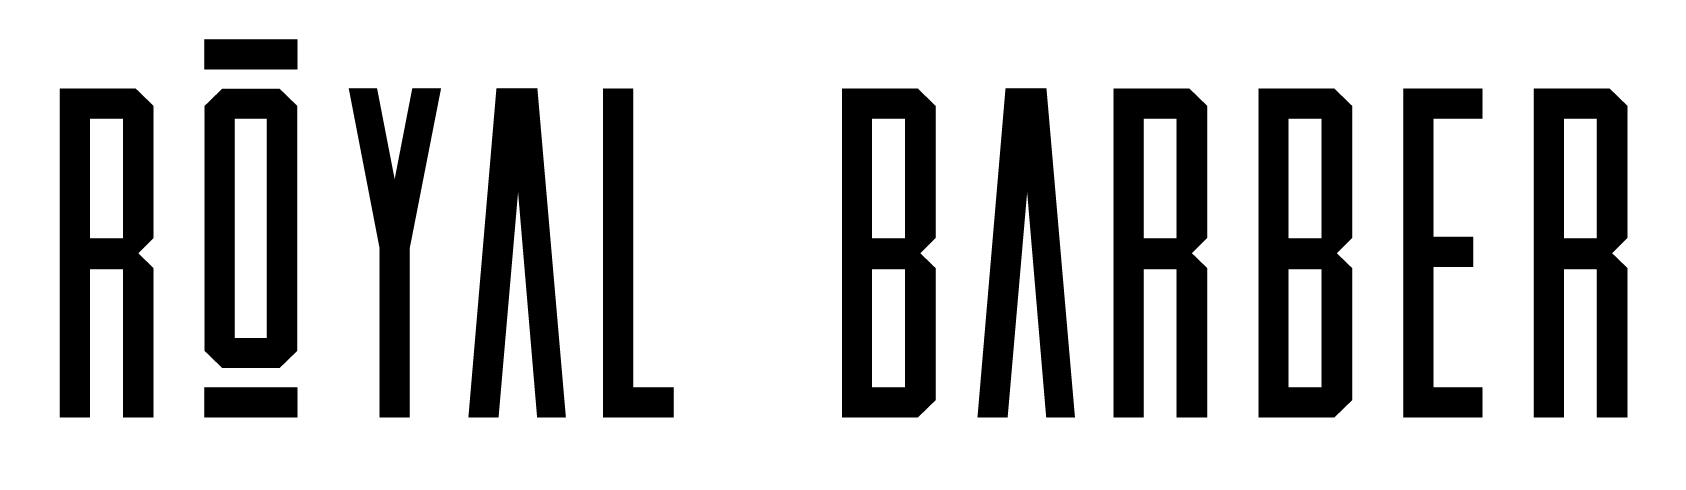 Logo Białe 500x500_2